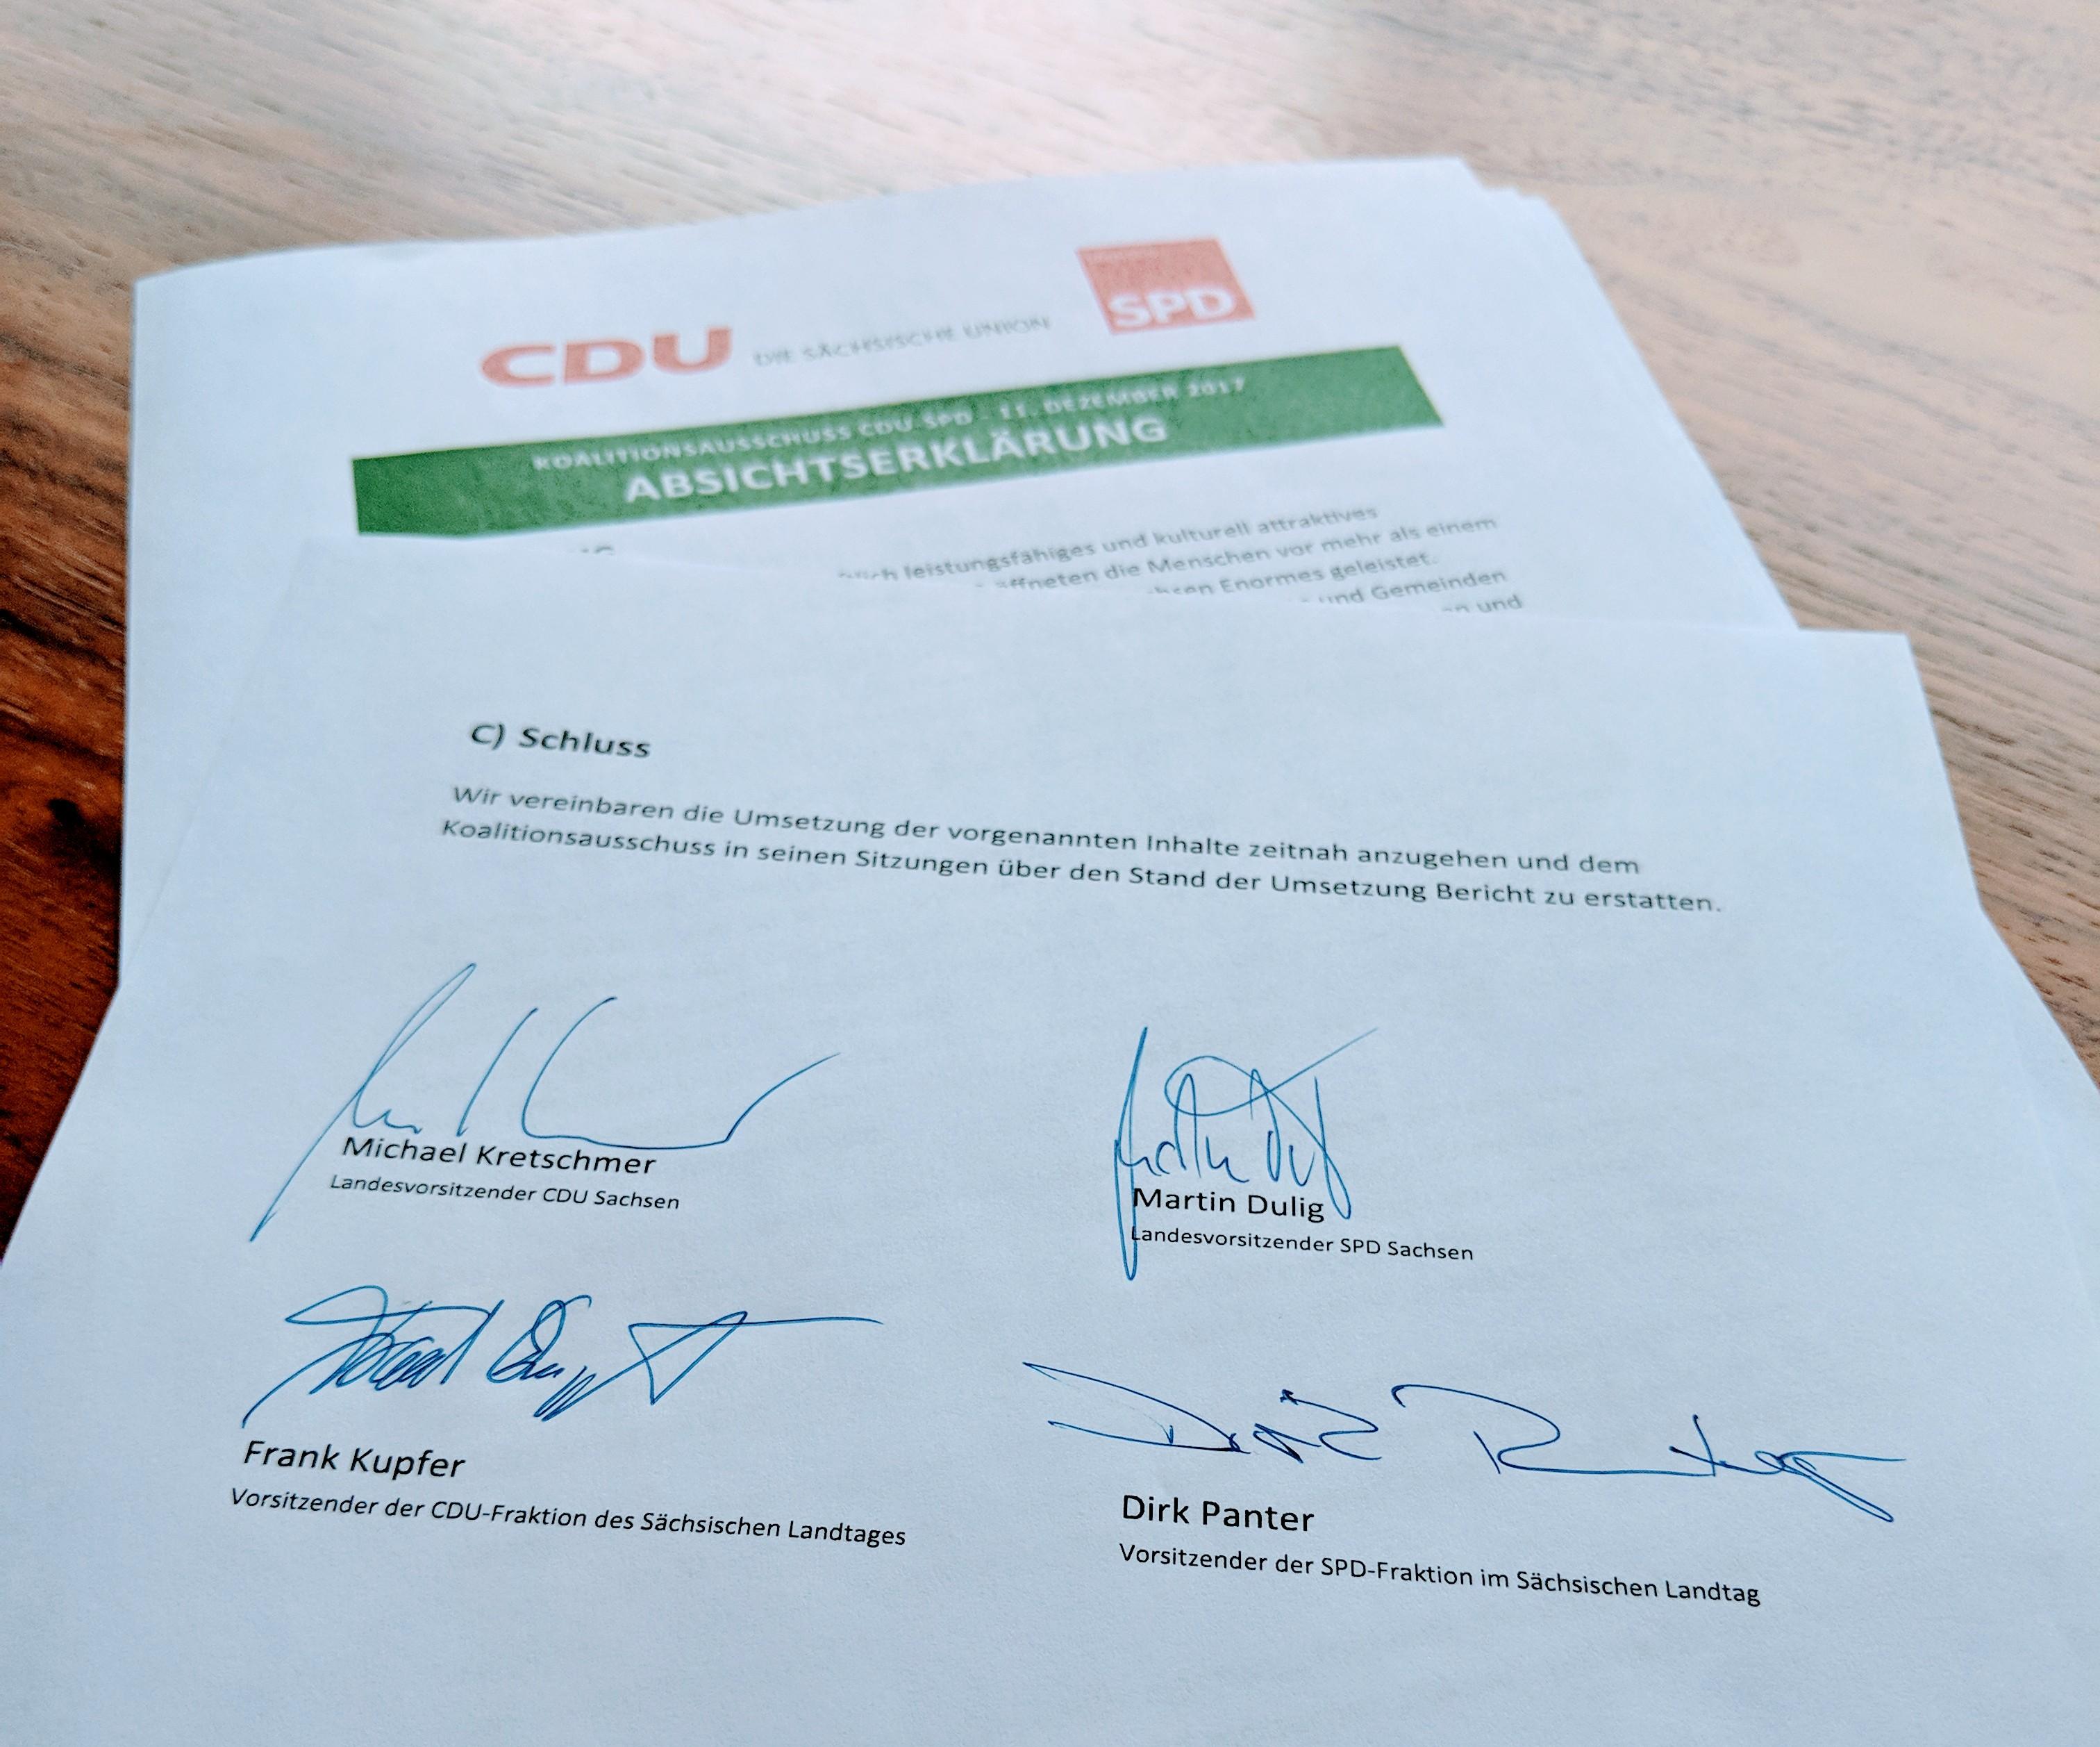 Absichtserklärung von CDU und SPD - SPD Sachsen